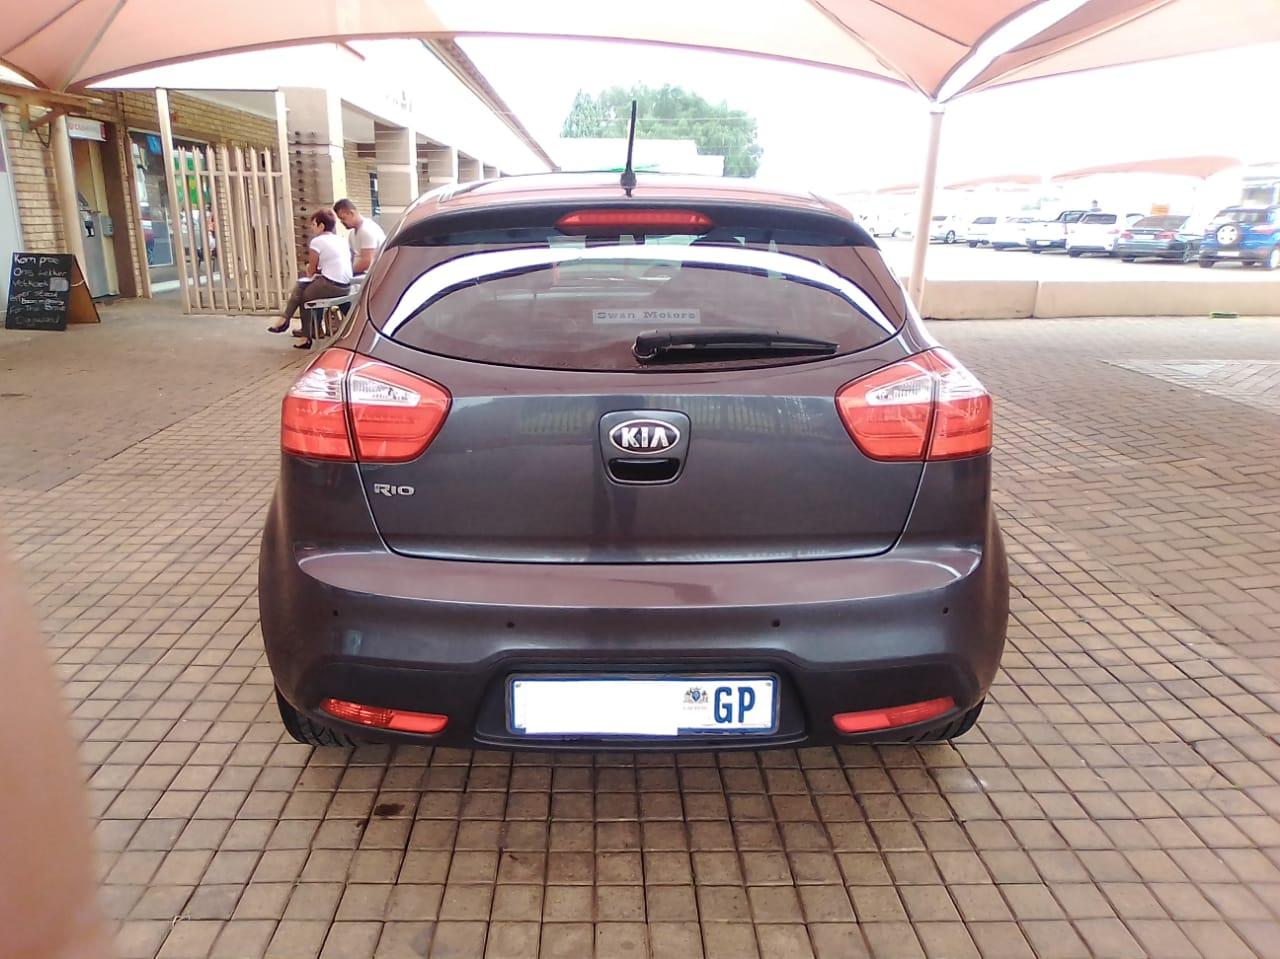 2013 Kia Rio 1.4 5 door